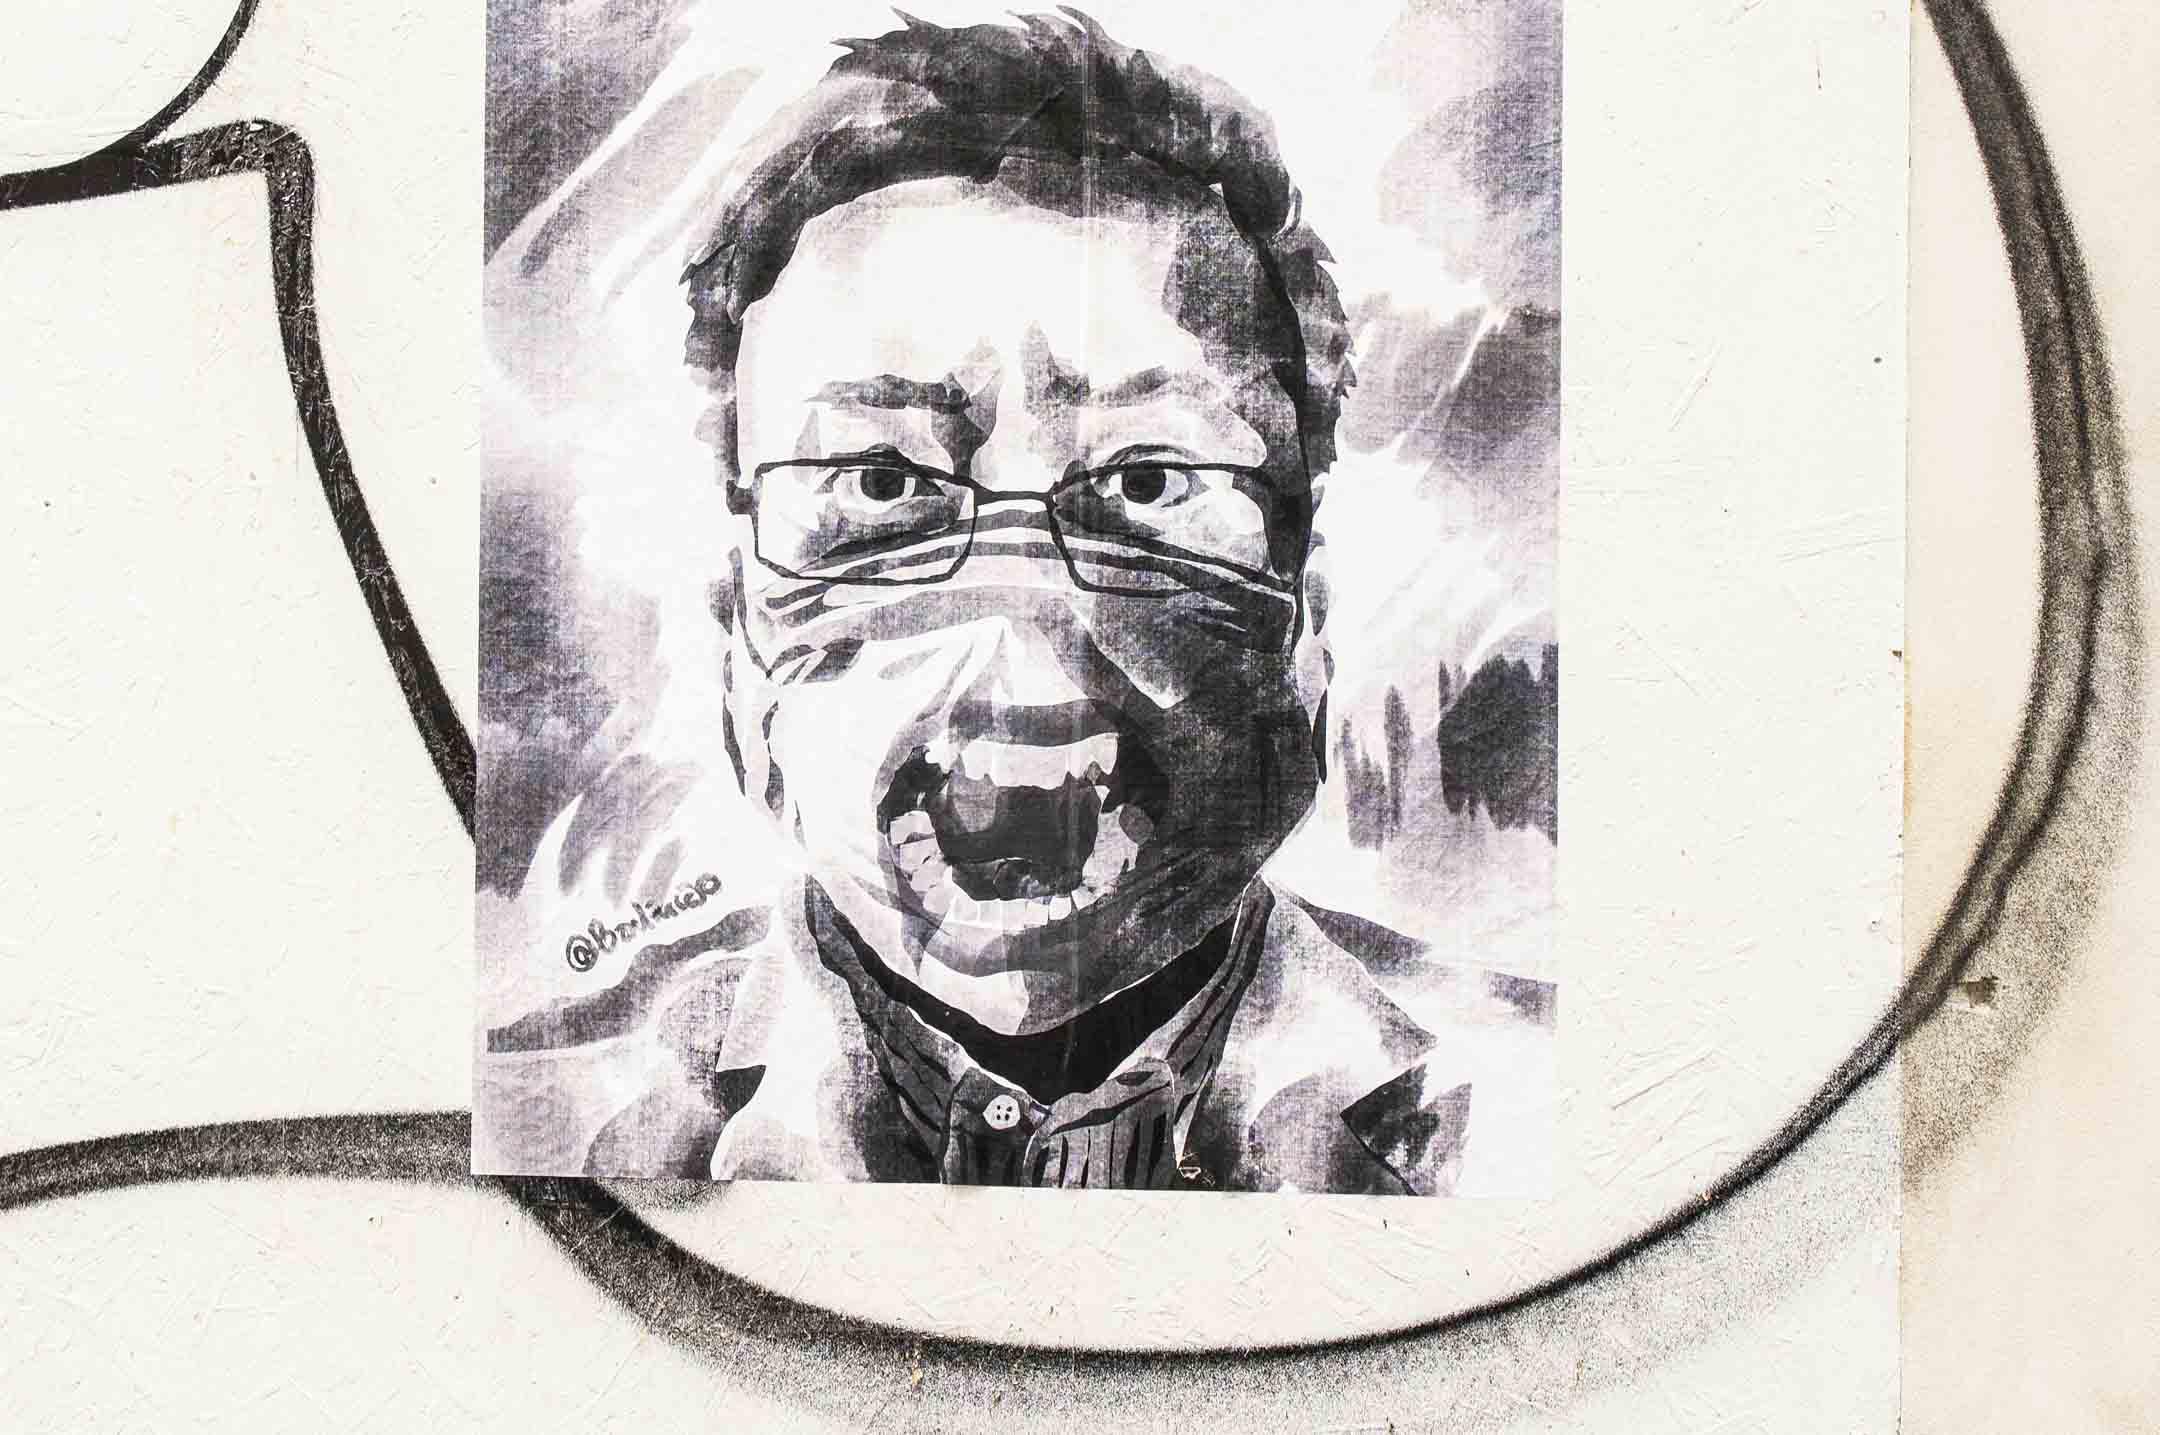 2月7日是官方宣佈的中國醫生李文亮去世一週年的日子。圖為2020年3月26日,一位匿名的中國藝術家在捷克布拉格展示紀念李文亮醫生的作品。 攝:Libor Sojka/CTK via AP/達志影像